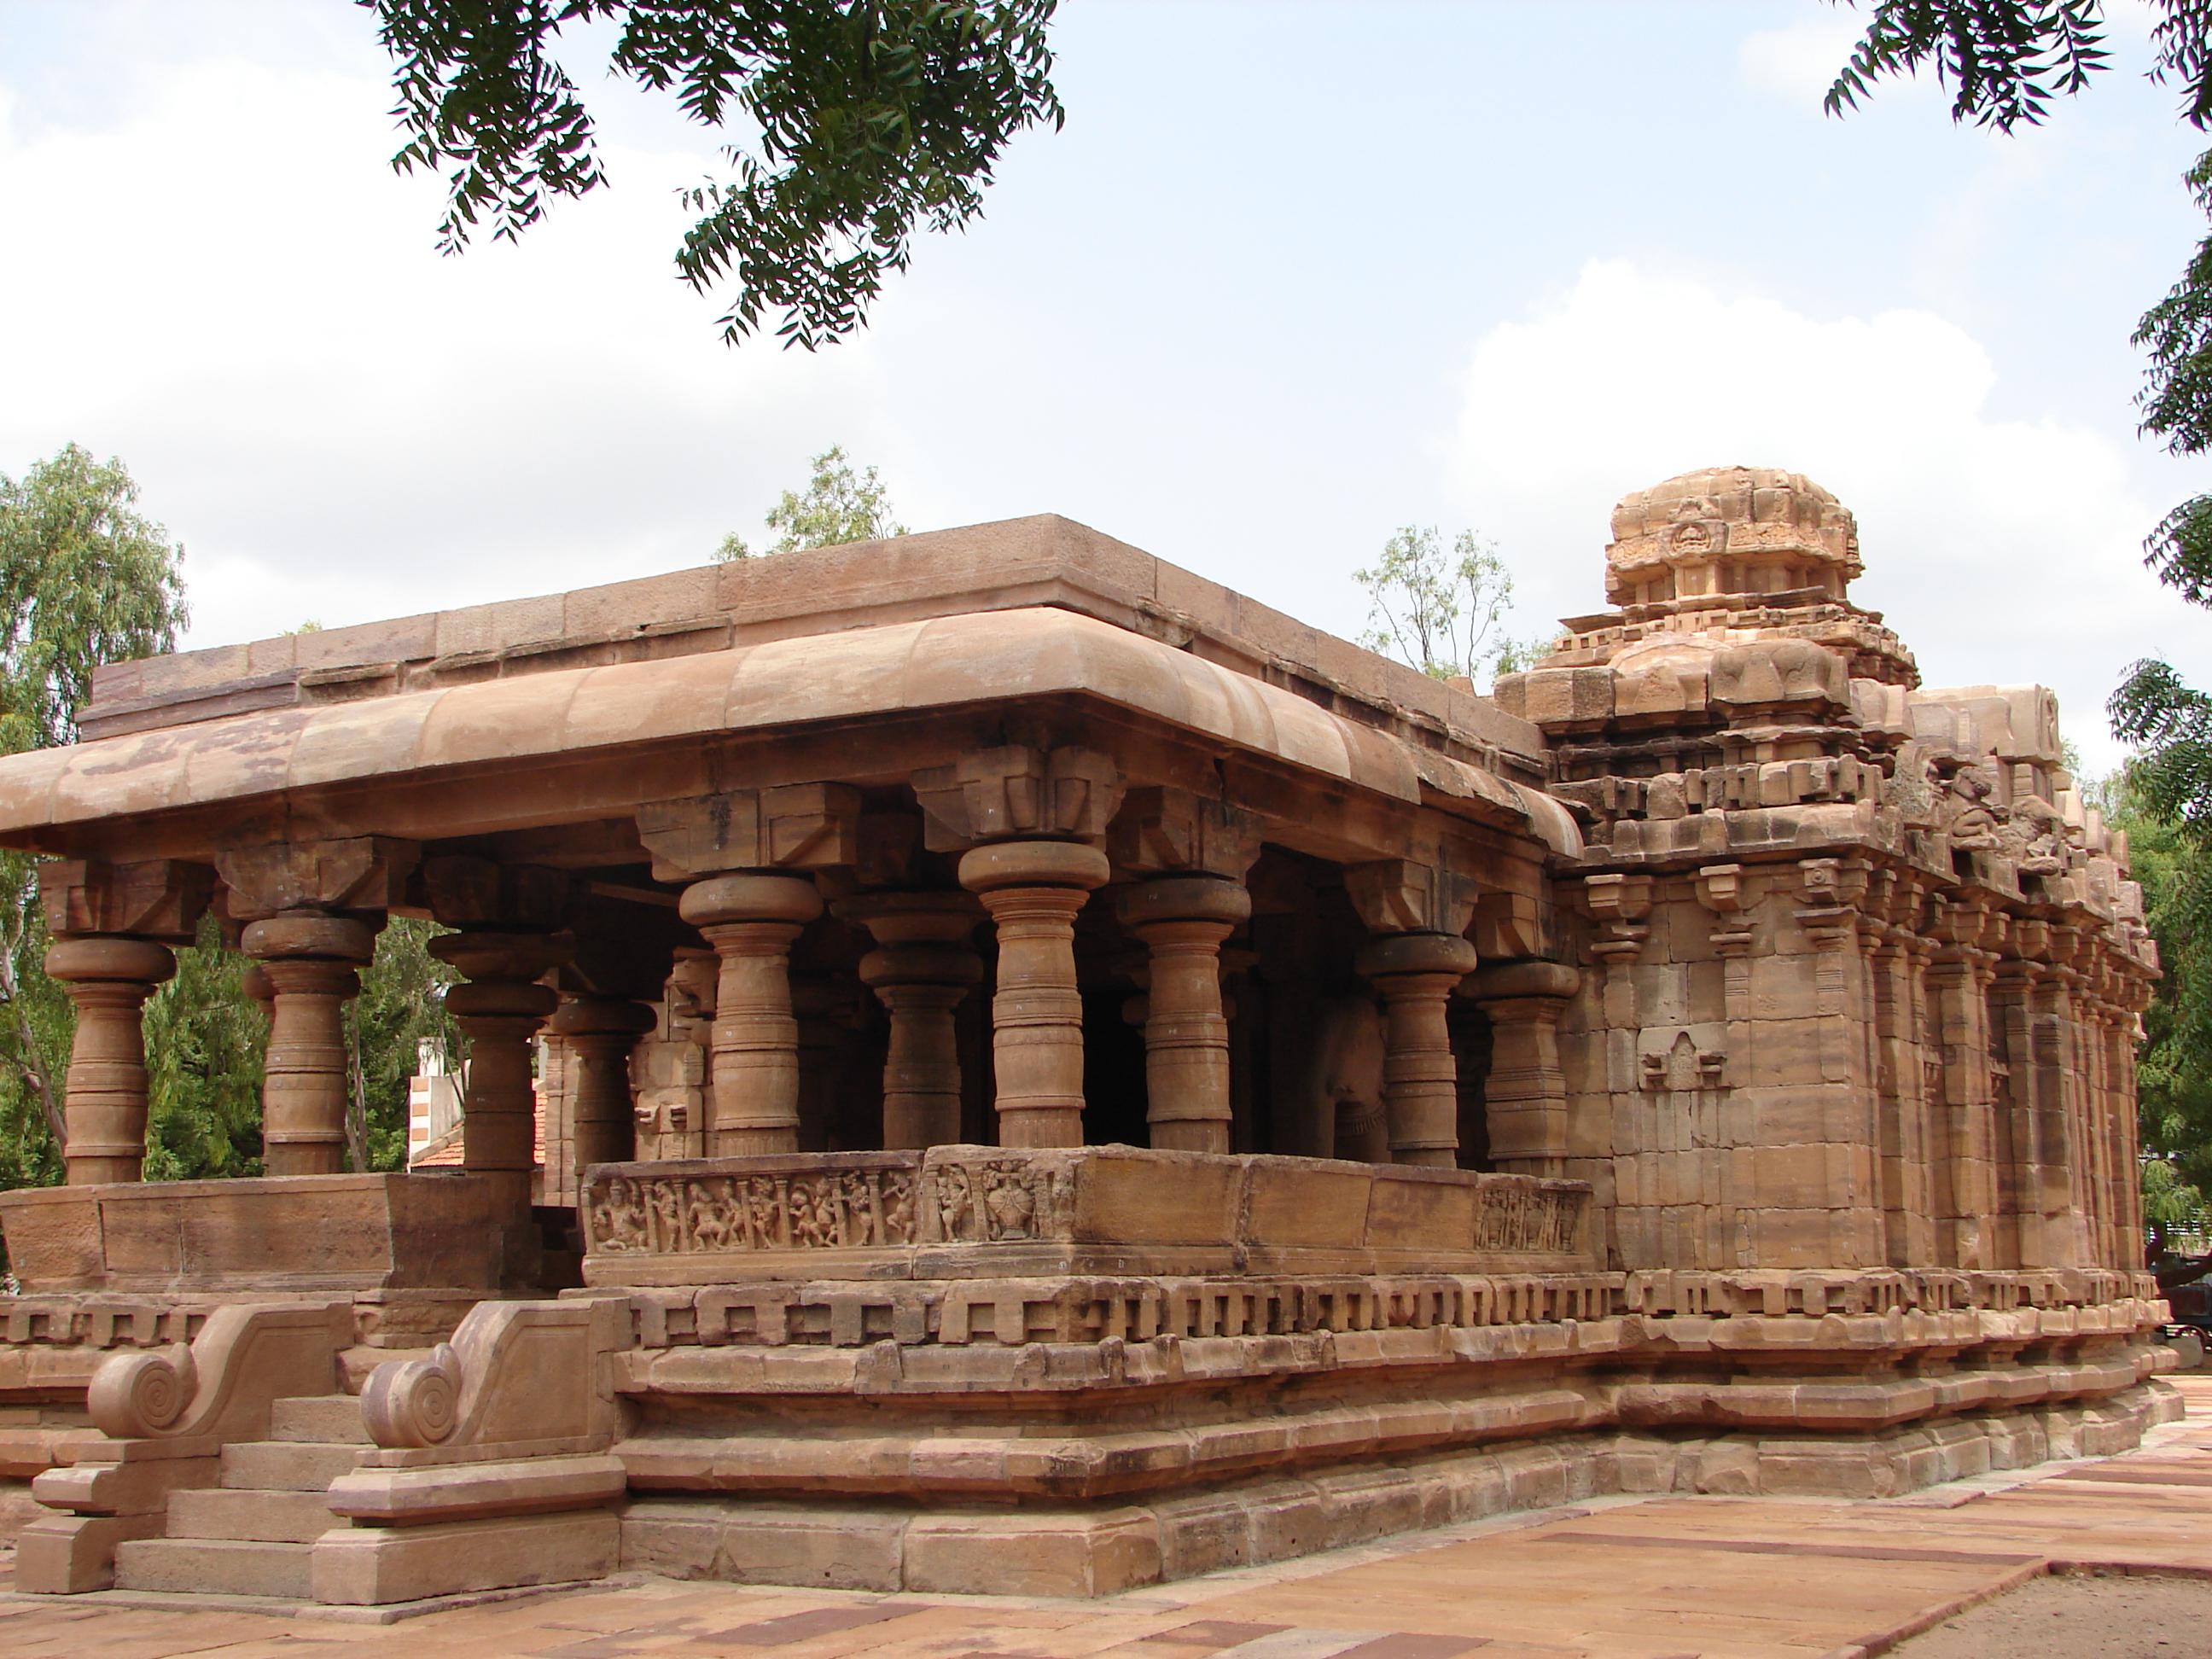 Jain Narayana temple at Pattadakal